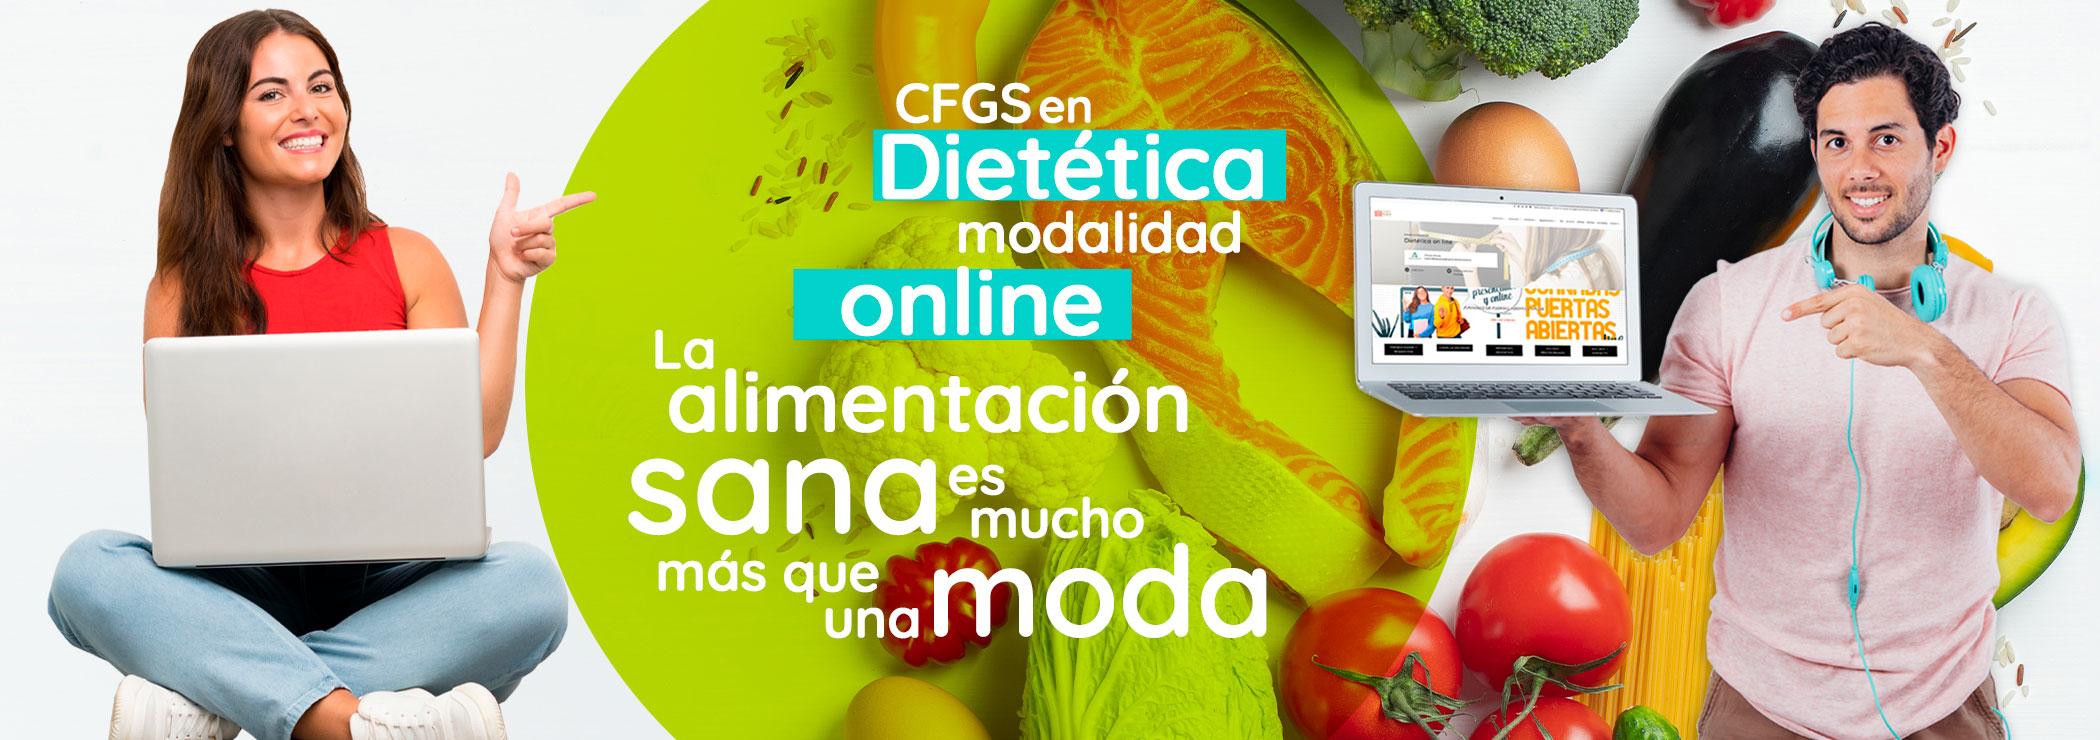 Ciclo Formativo de Grado Superior en Dietética en modalidad online. La alimentación sana es mucho más que una moda. ¡Estudia lo que te gusta y trabaja de lo que te motiva!